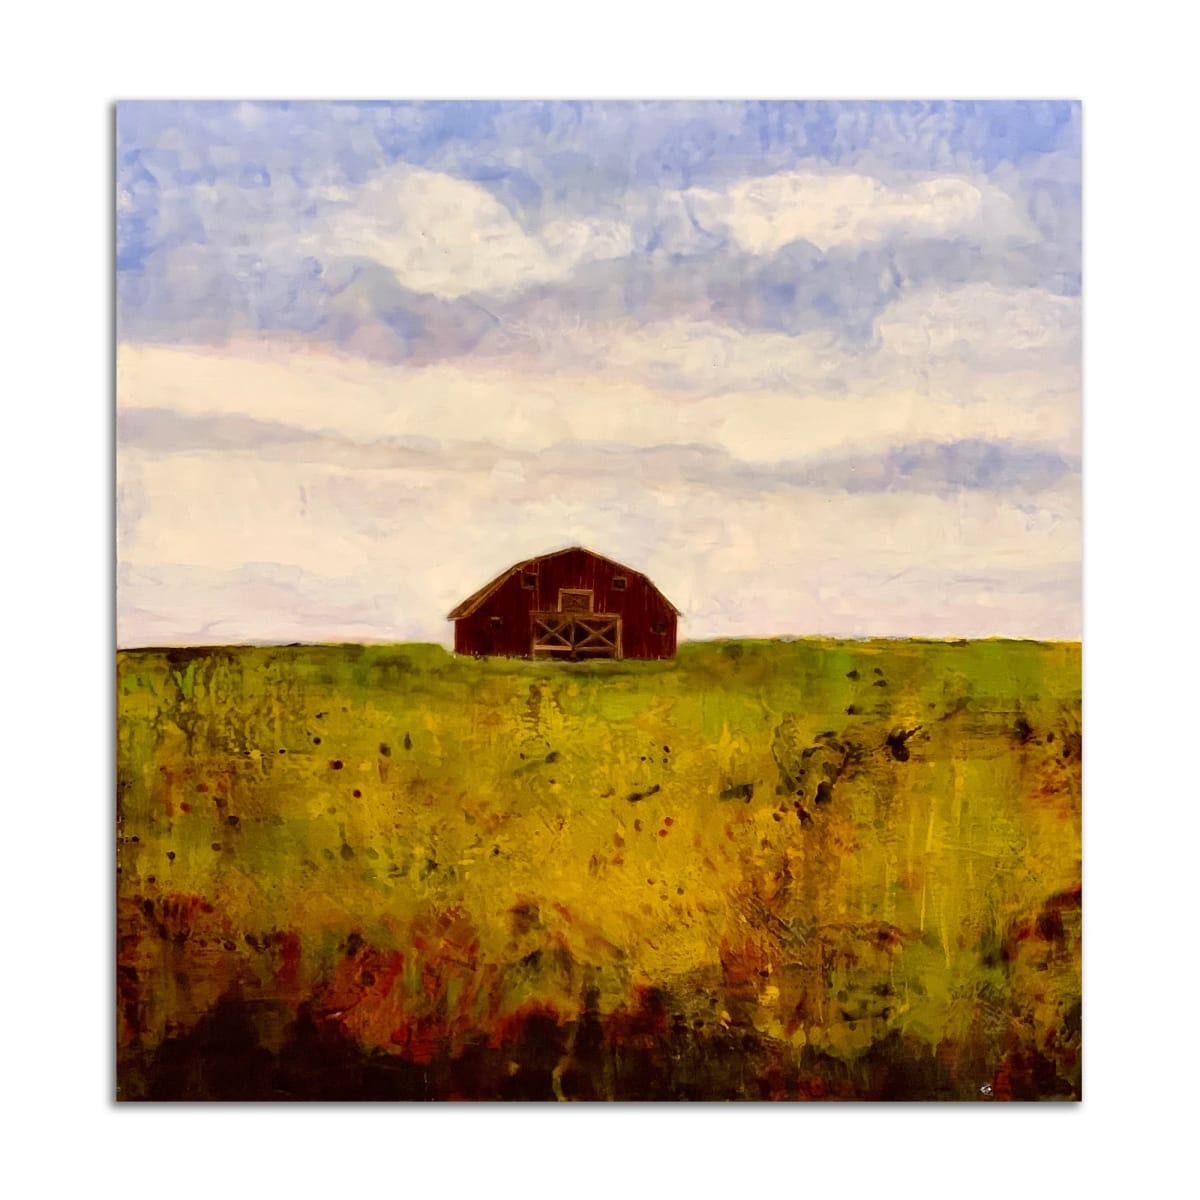 Barn at Hidden Brook by T.D. Scott